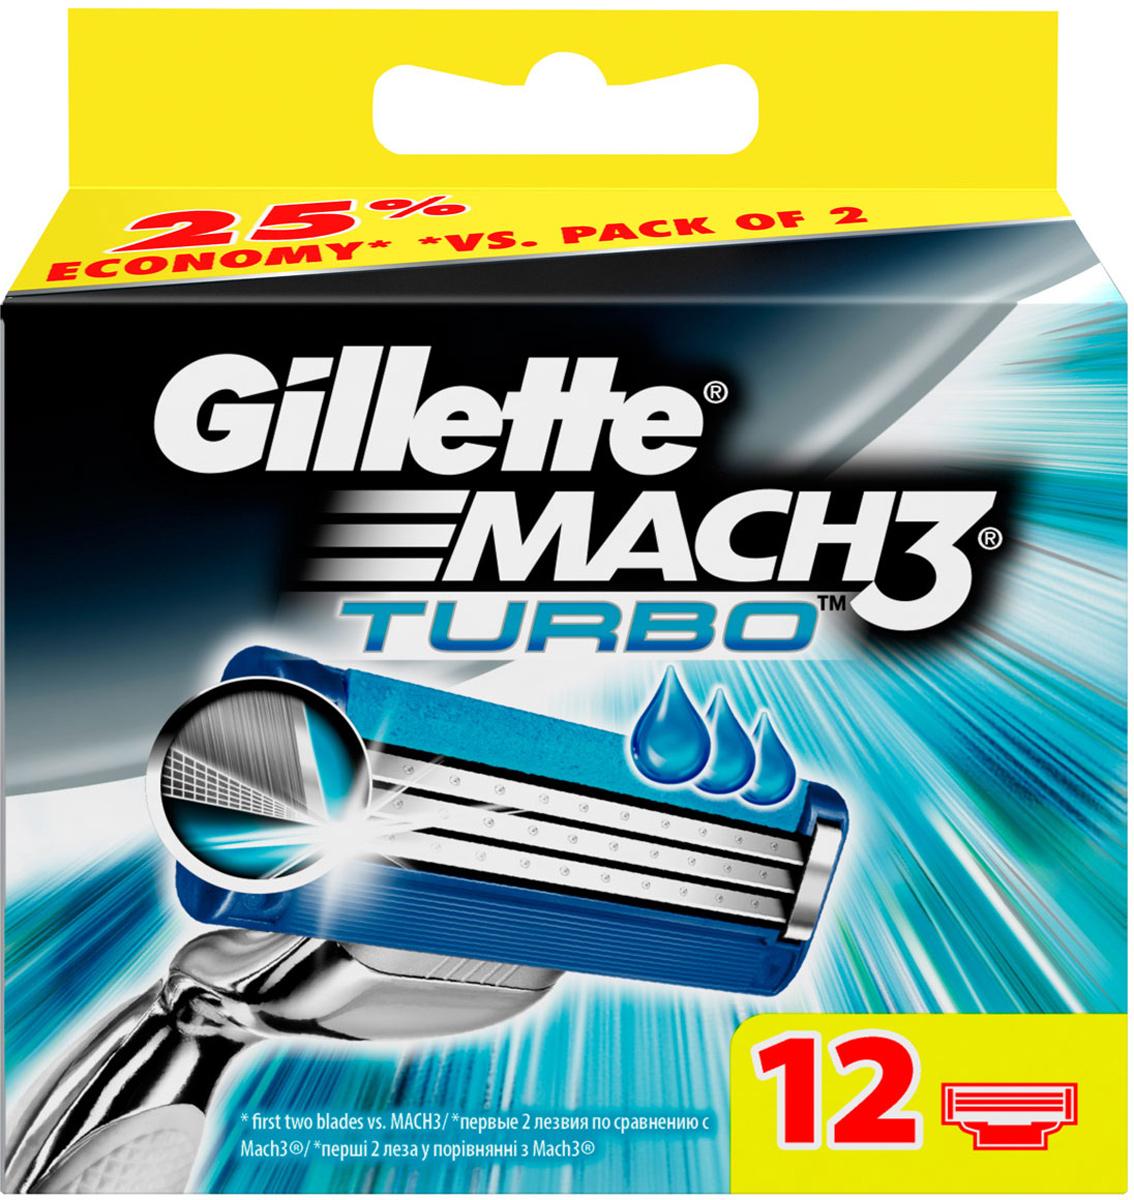 Сменные кассеты для бритья Gillette Mach 3 Turbo, 12 шт.MCT-81424006Новые лезвия. Острее, чем одноразоваябритва. Бреет без раздражения. Даже 10-ое бритье Mach3 комфортнее 1-го одноразовой бритвой. Совершенствуй процесс бритья с бритвой Mach3! Gillette Mach3 Turbo имеет более острые лезвия (первые два лезвия в сравнении с Mach3) и обеспечивает гладкое бритье без раздражения по сравнению одноразовыми бритвами Bluell Plus. Лезвия Turbo легче срезают щетину, не тянут и не дергают волоски (первые два лезвия в сравнении с Mach3), даря вам невероятный комфорт. В то же время гелевая полоска Comfort помогает сохранить дольшевашу бритву Mach3 Turbo и мягко скользит по коже (по сравнению с одноразовыми бритвенными станками Bluell Plus). Этот станок имеет вдвое больше микрогребней SkinGuard для мягкости бритья (по сравнению с одноразовыми бритвенными станками Bluell Plus). Плавающая головка обеспечивает тесный контакт лезвий с кожей, рукоятка с регулировкой нажатия адаптируется к контурам лица для более легкого и комфортного бритья (по сравнению с одноразовыми бритвенными станками Blueell Plus). Даже десятое бритье Mach 3 комфортнее первого одноразовой бритвой (по сравнению с одноразовыми станками для бритья Bluell Plus). Первые два лезвия по сравнению с Gillette BlueII PlusПо сравнению с Gillette BlueII PlusСрок хранения - 5 лет. Страна производства - Польша. Характеристики:Материал: пластик, металл. Количество в упаковке: 12 шт. Товар сертифицирован.Состав смазывающей полоски: PEG-115M, PEG-7M, PEG-100, TOCOPHERYL ACETATE, BHT, ALOE BARBADENSIS.